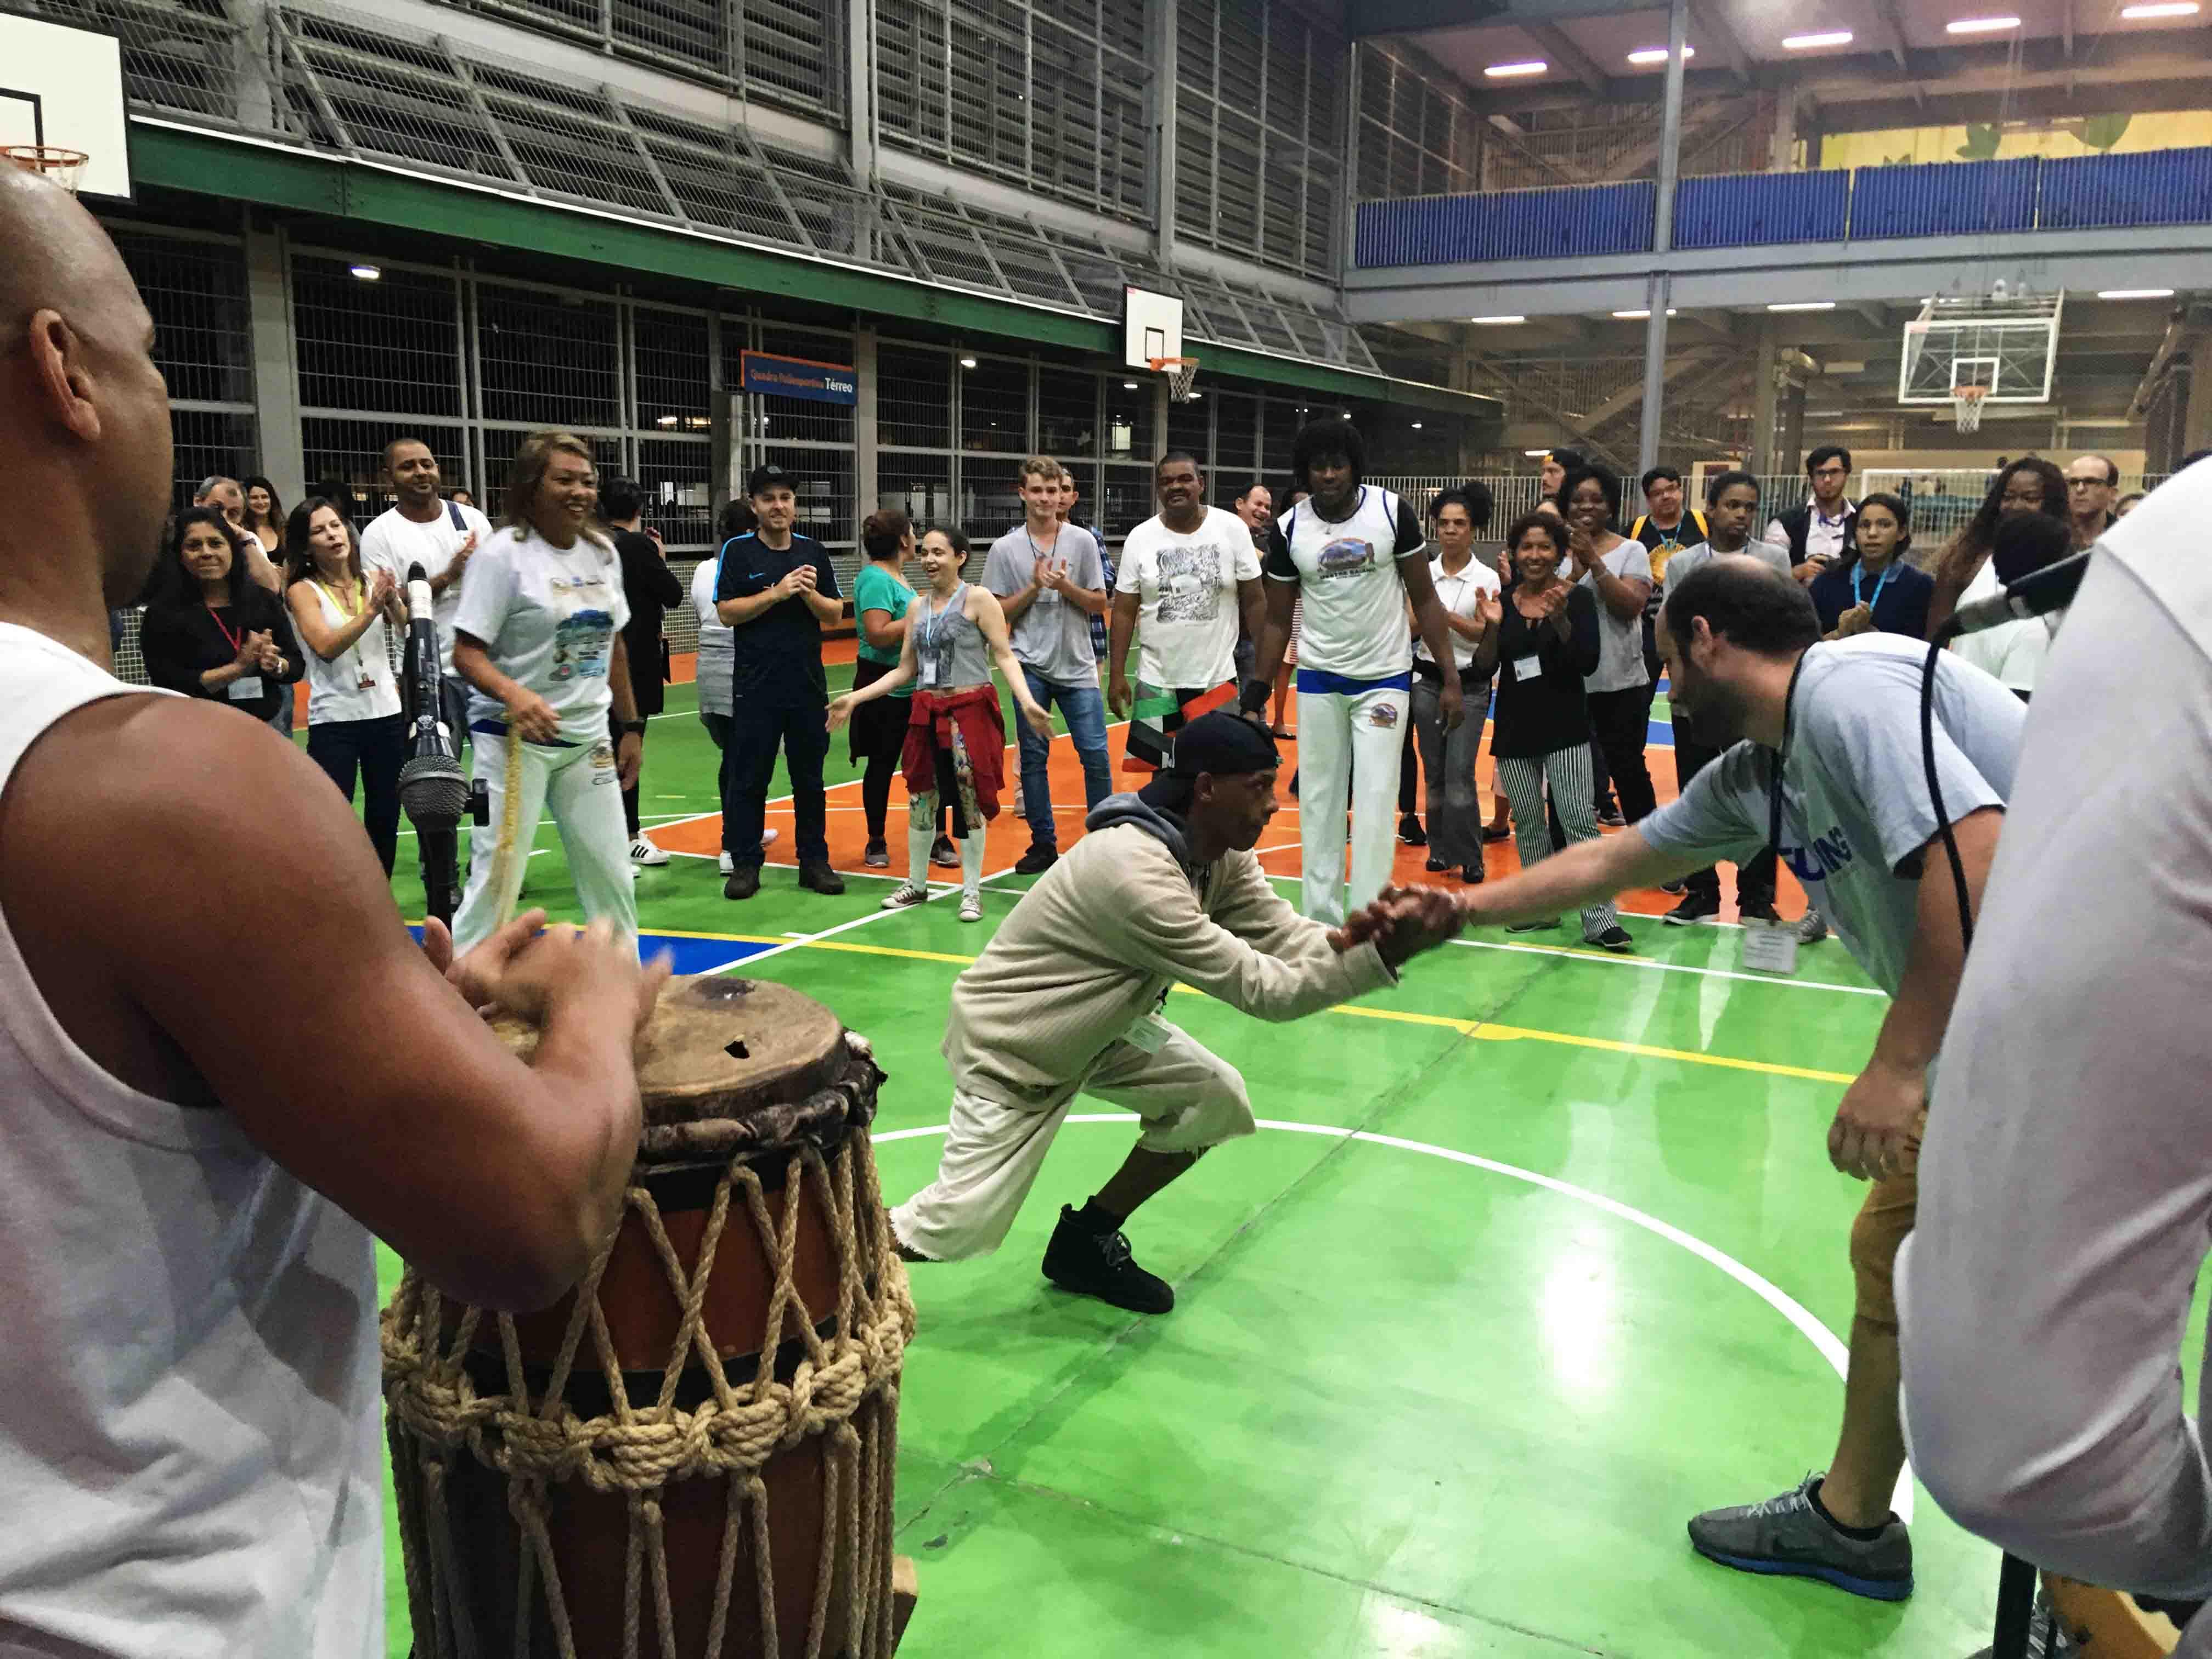 Em roda de capoeira, dois jogadores se cumprimentam ao centro. Um deles está levemente curvado e segura com as duas mãos o braço do outro jogador. Em volta, os outros estudantes observam. Em primeiro plano, homem toca atabaque. Fim da descrição.